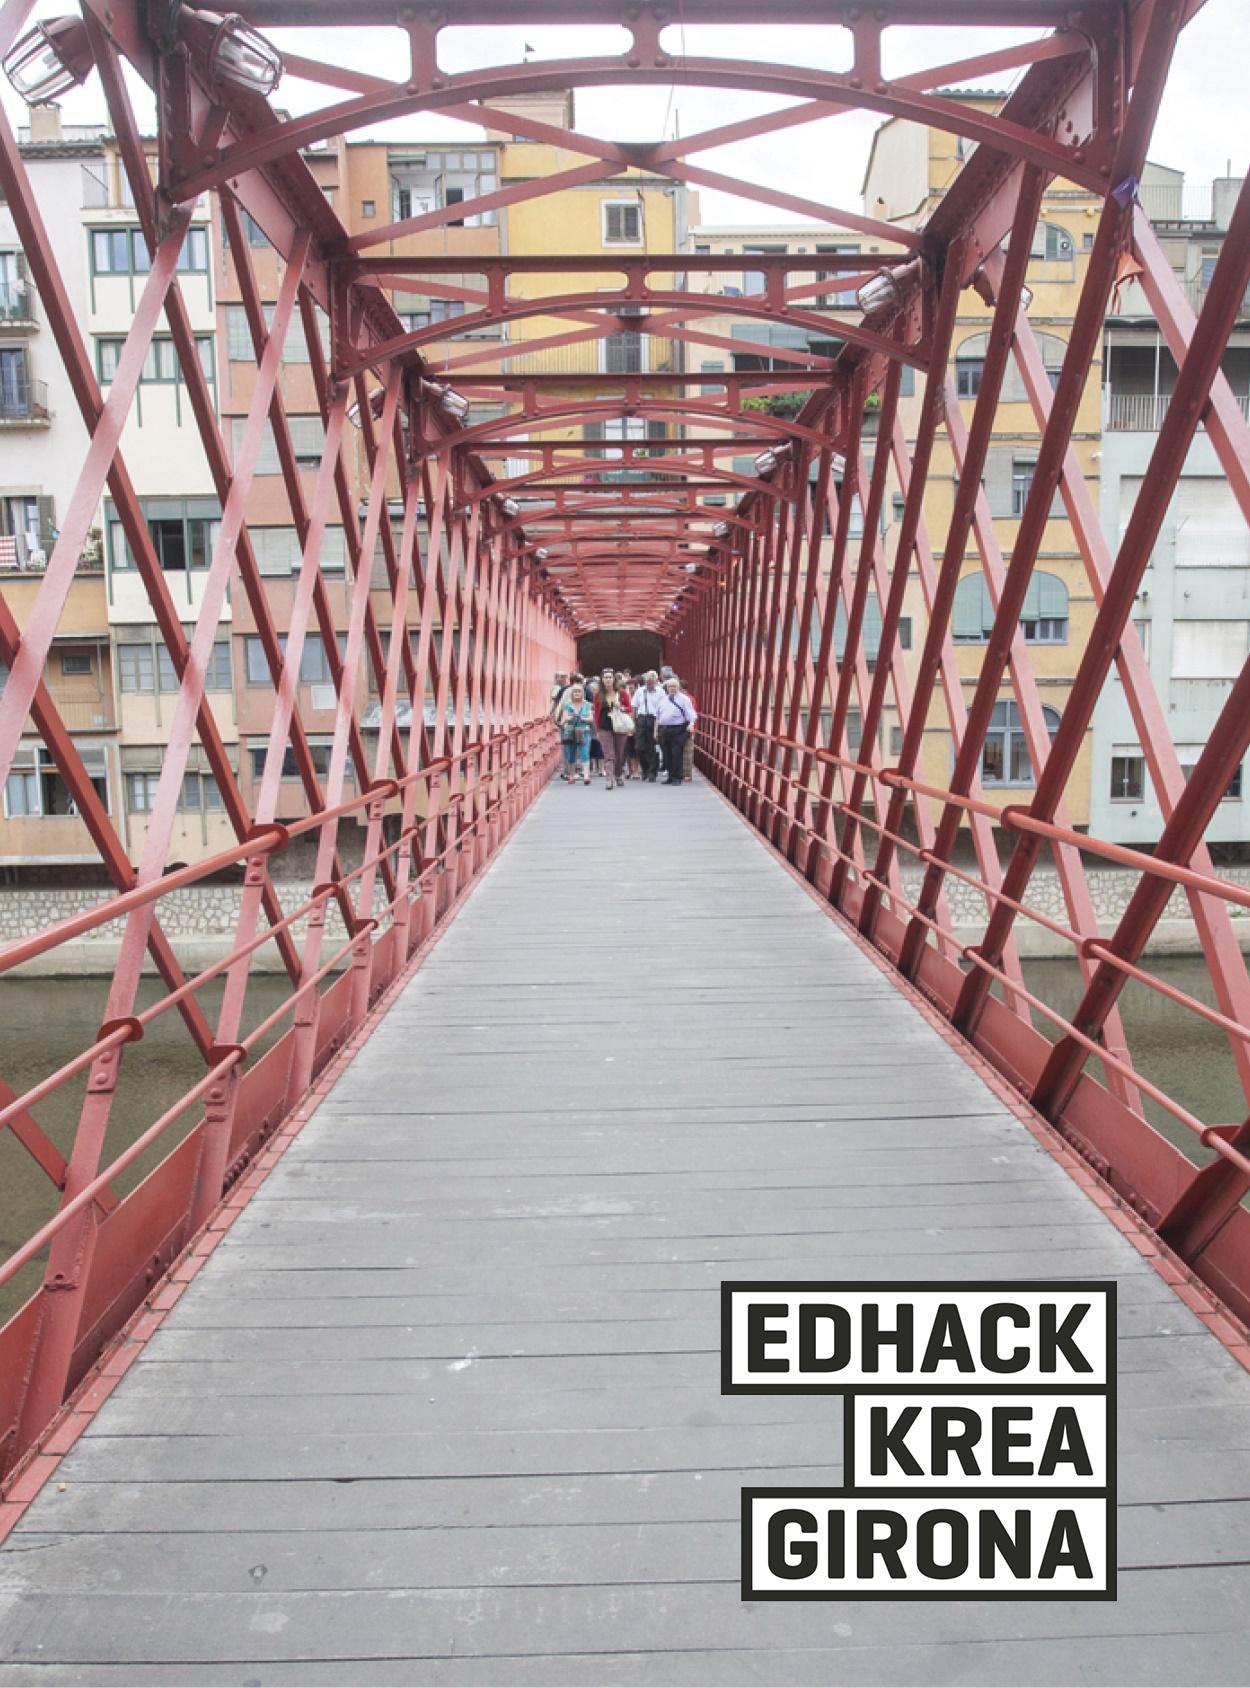 El moviment EDhacker segueix creixent: Després del Raval, anem a Girona!